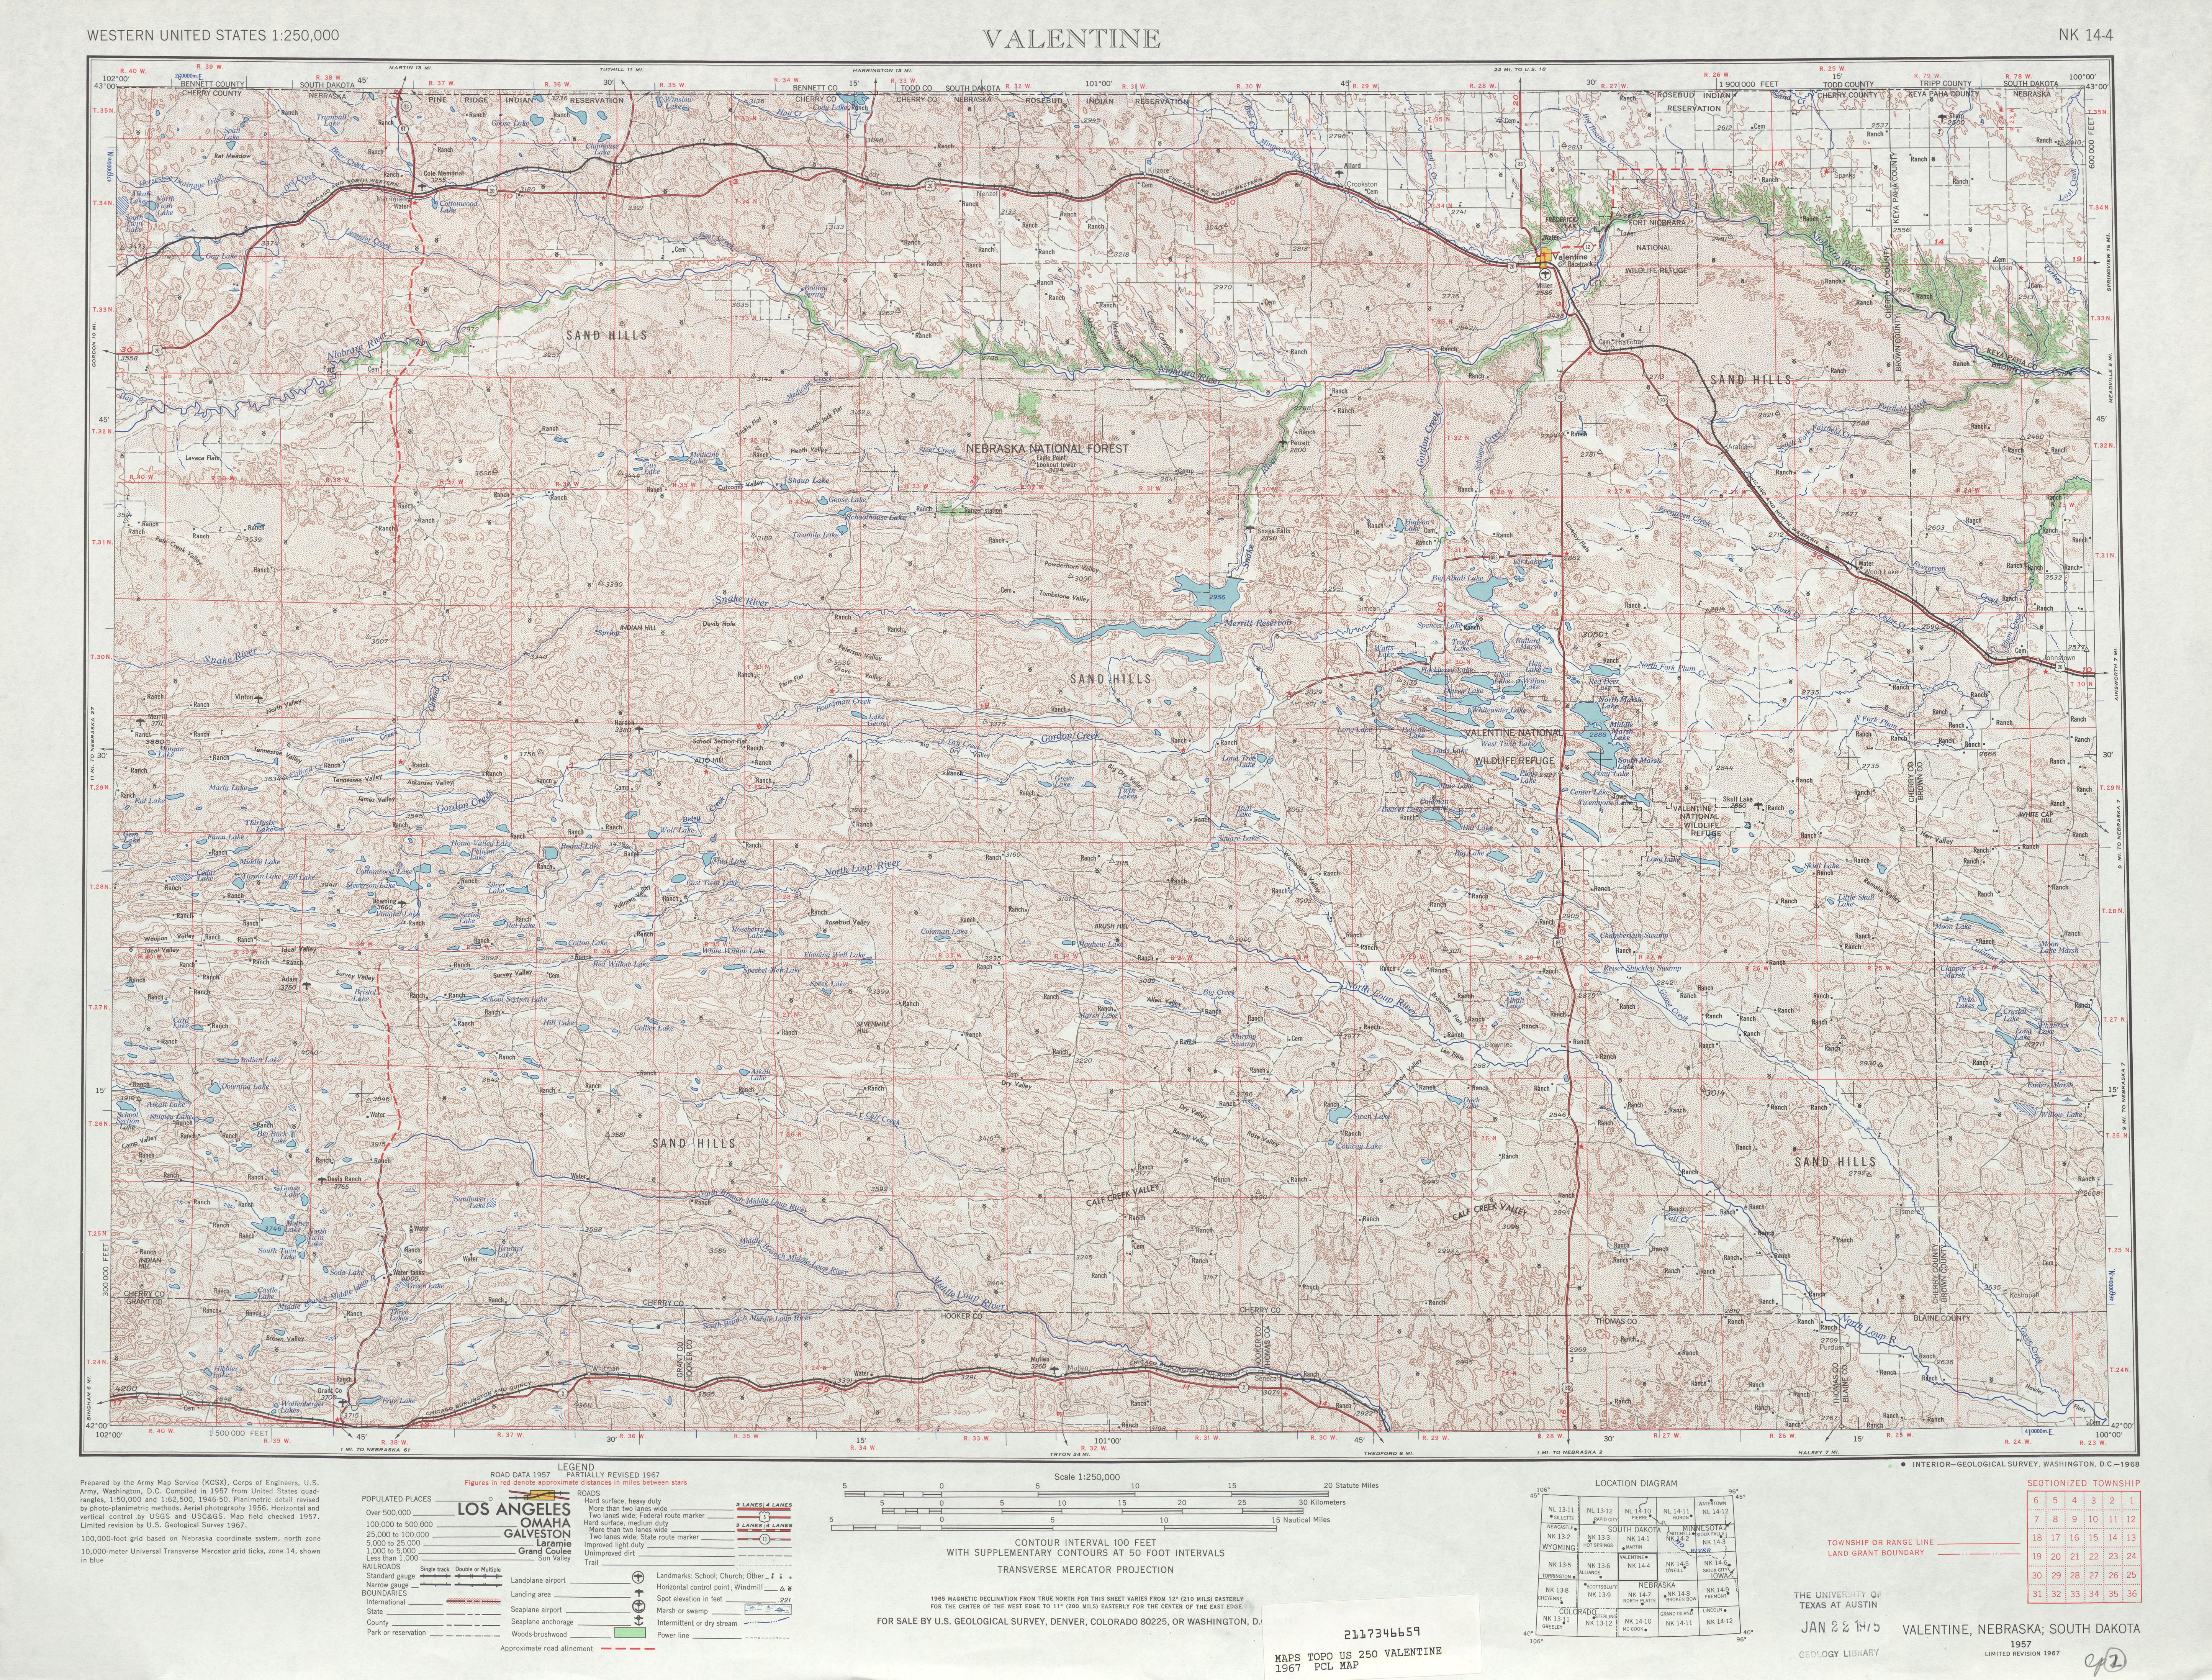 Hoja Valentine del Mapa Topográfico de los Estados Unidos 1967